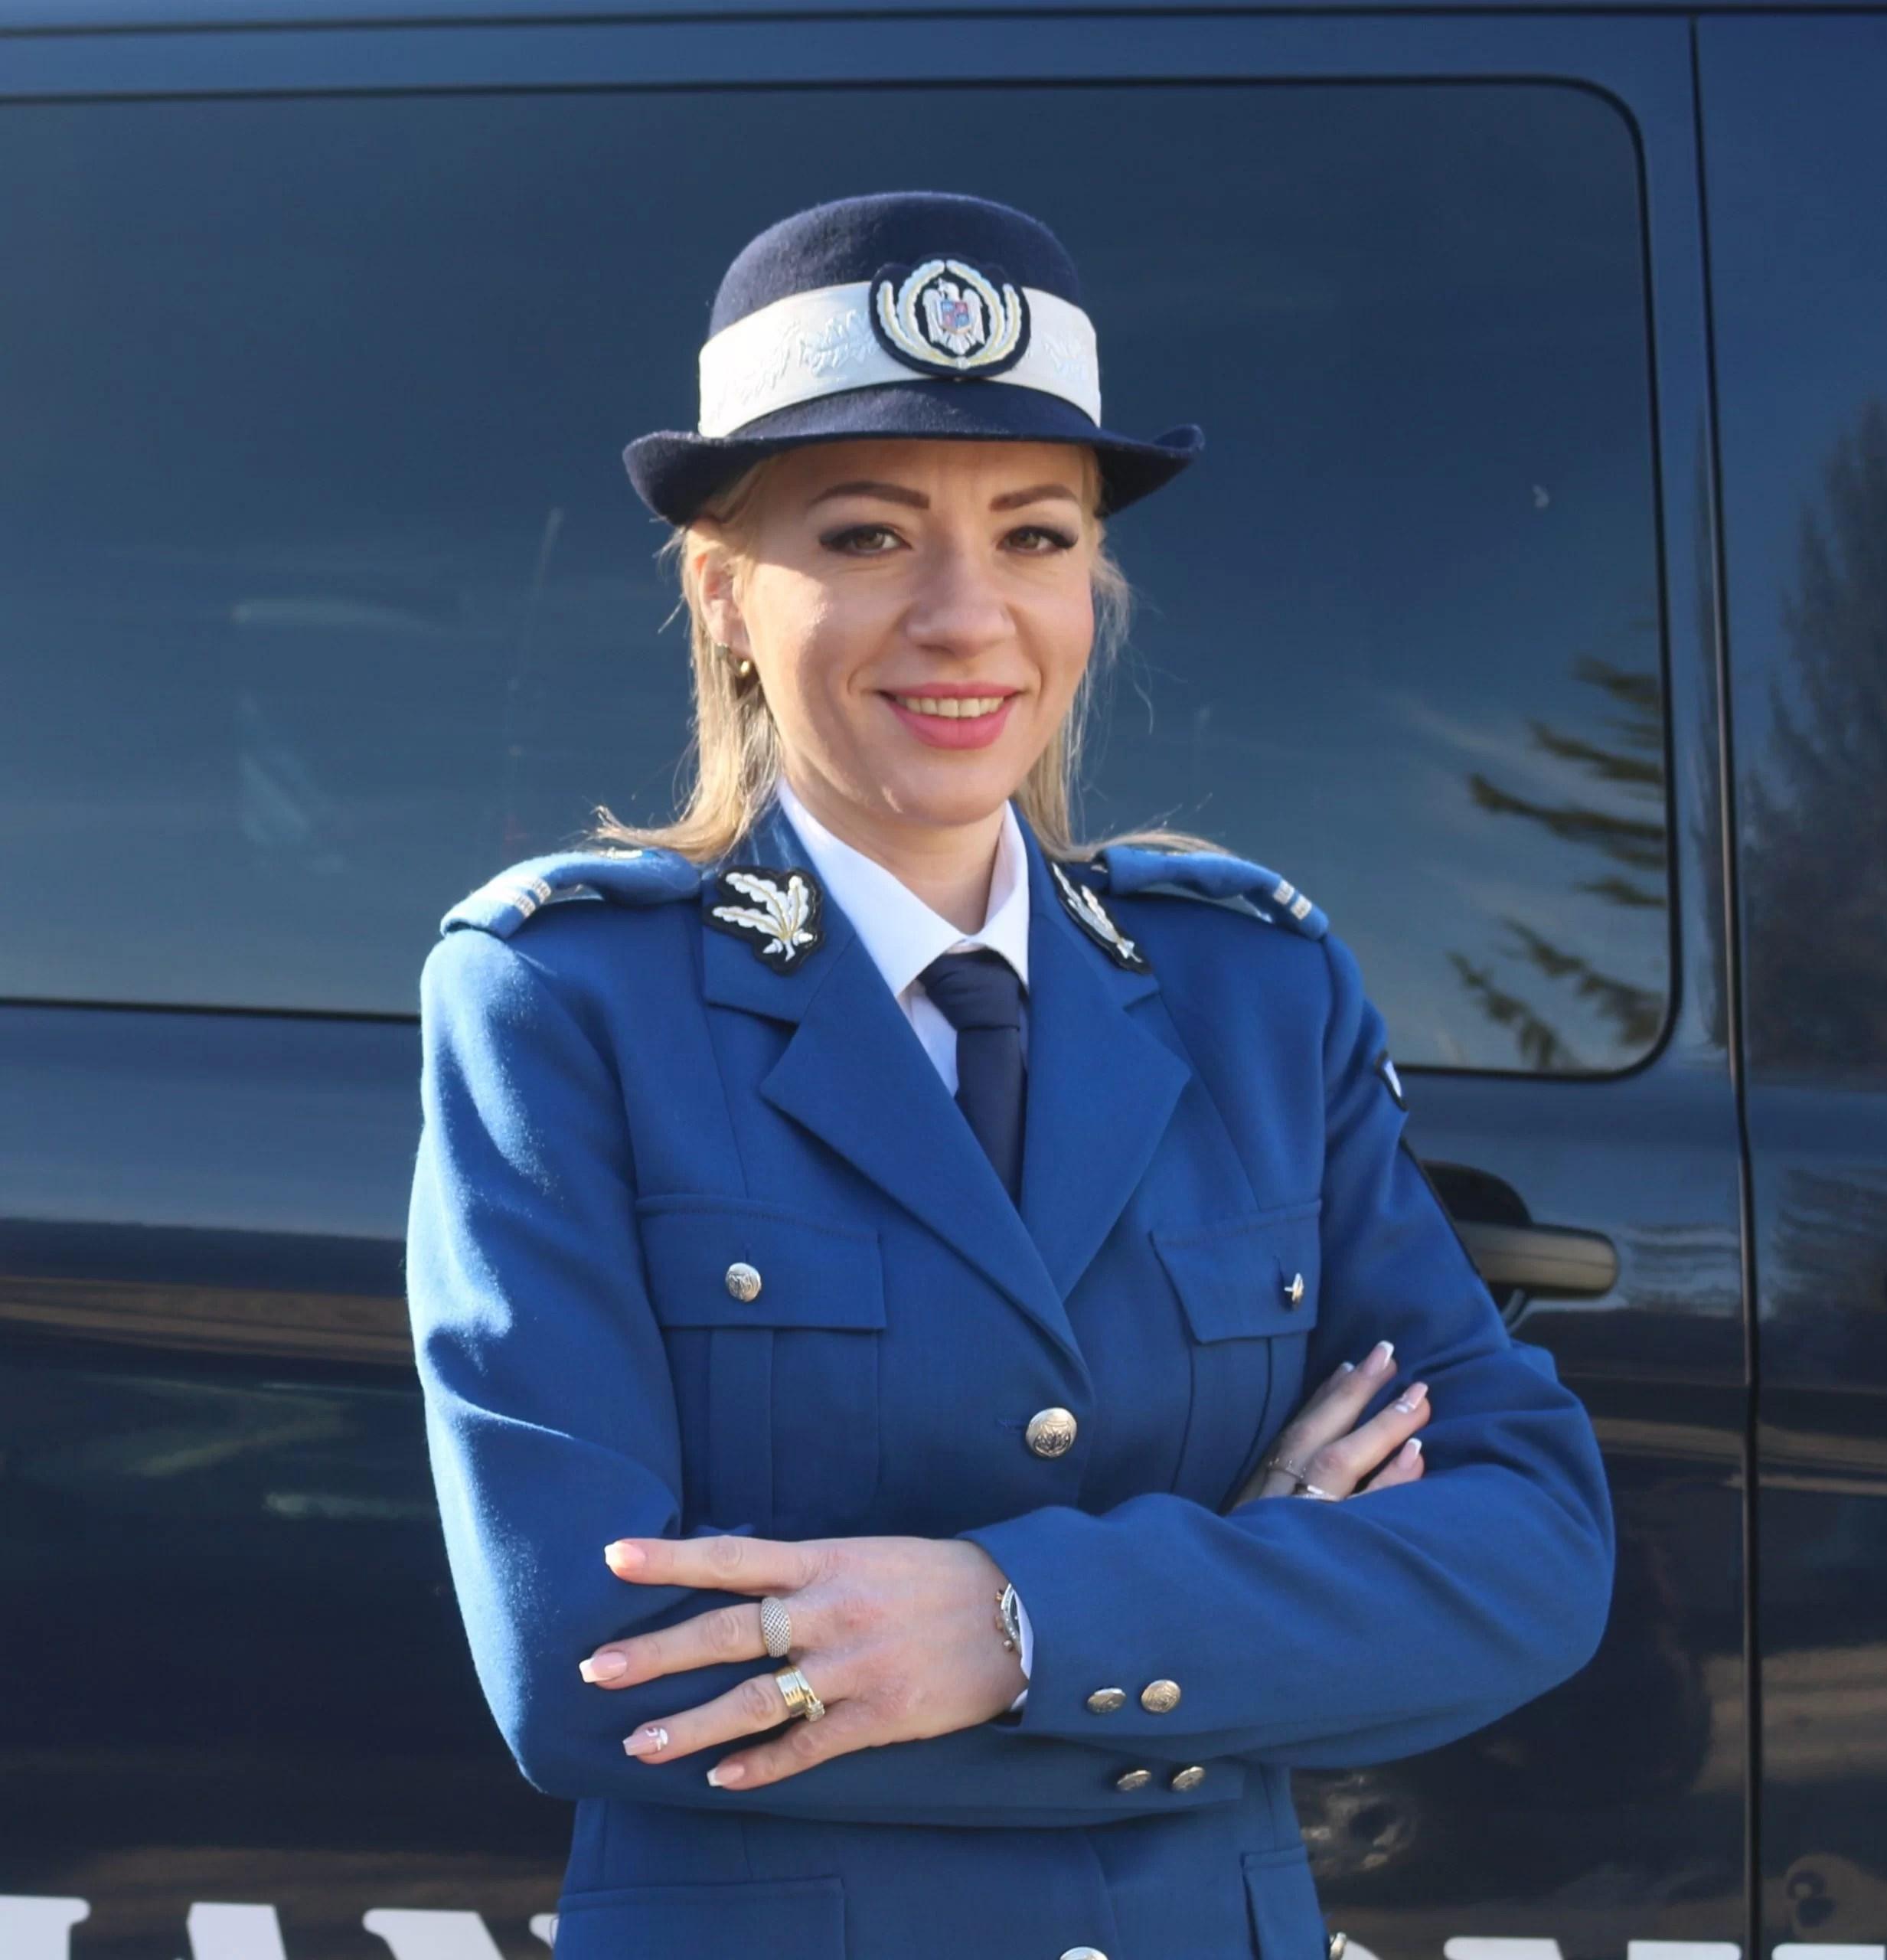 8 Martie: Interviu cu Diana, psiholog militar în cadrul Jandarmeriei